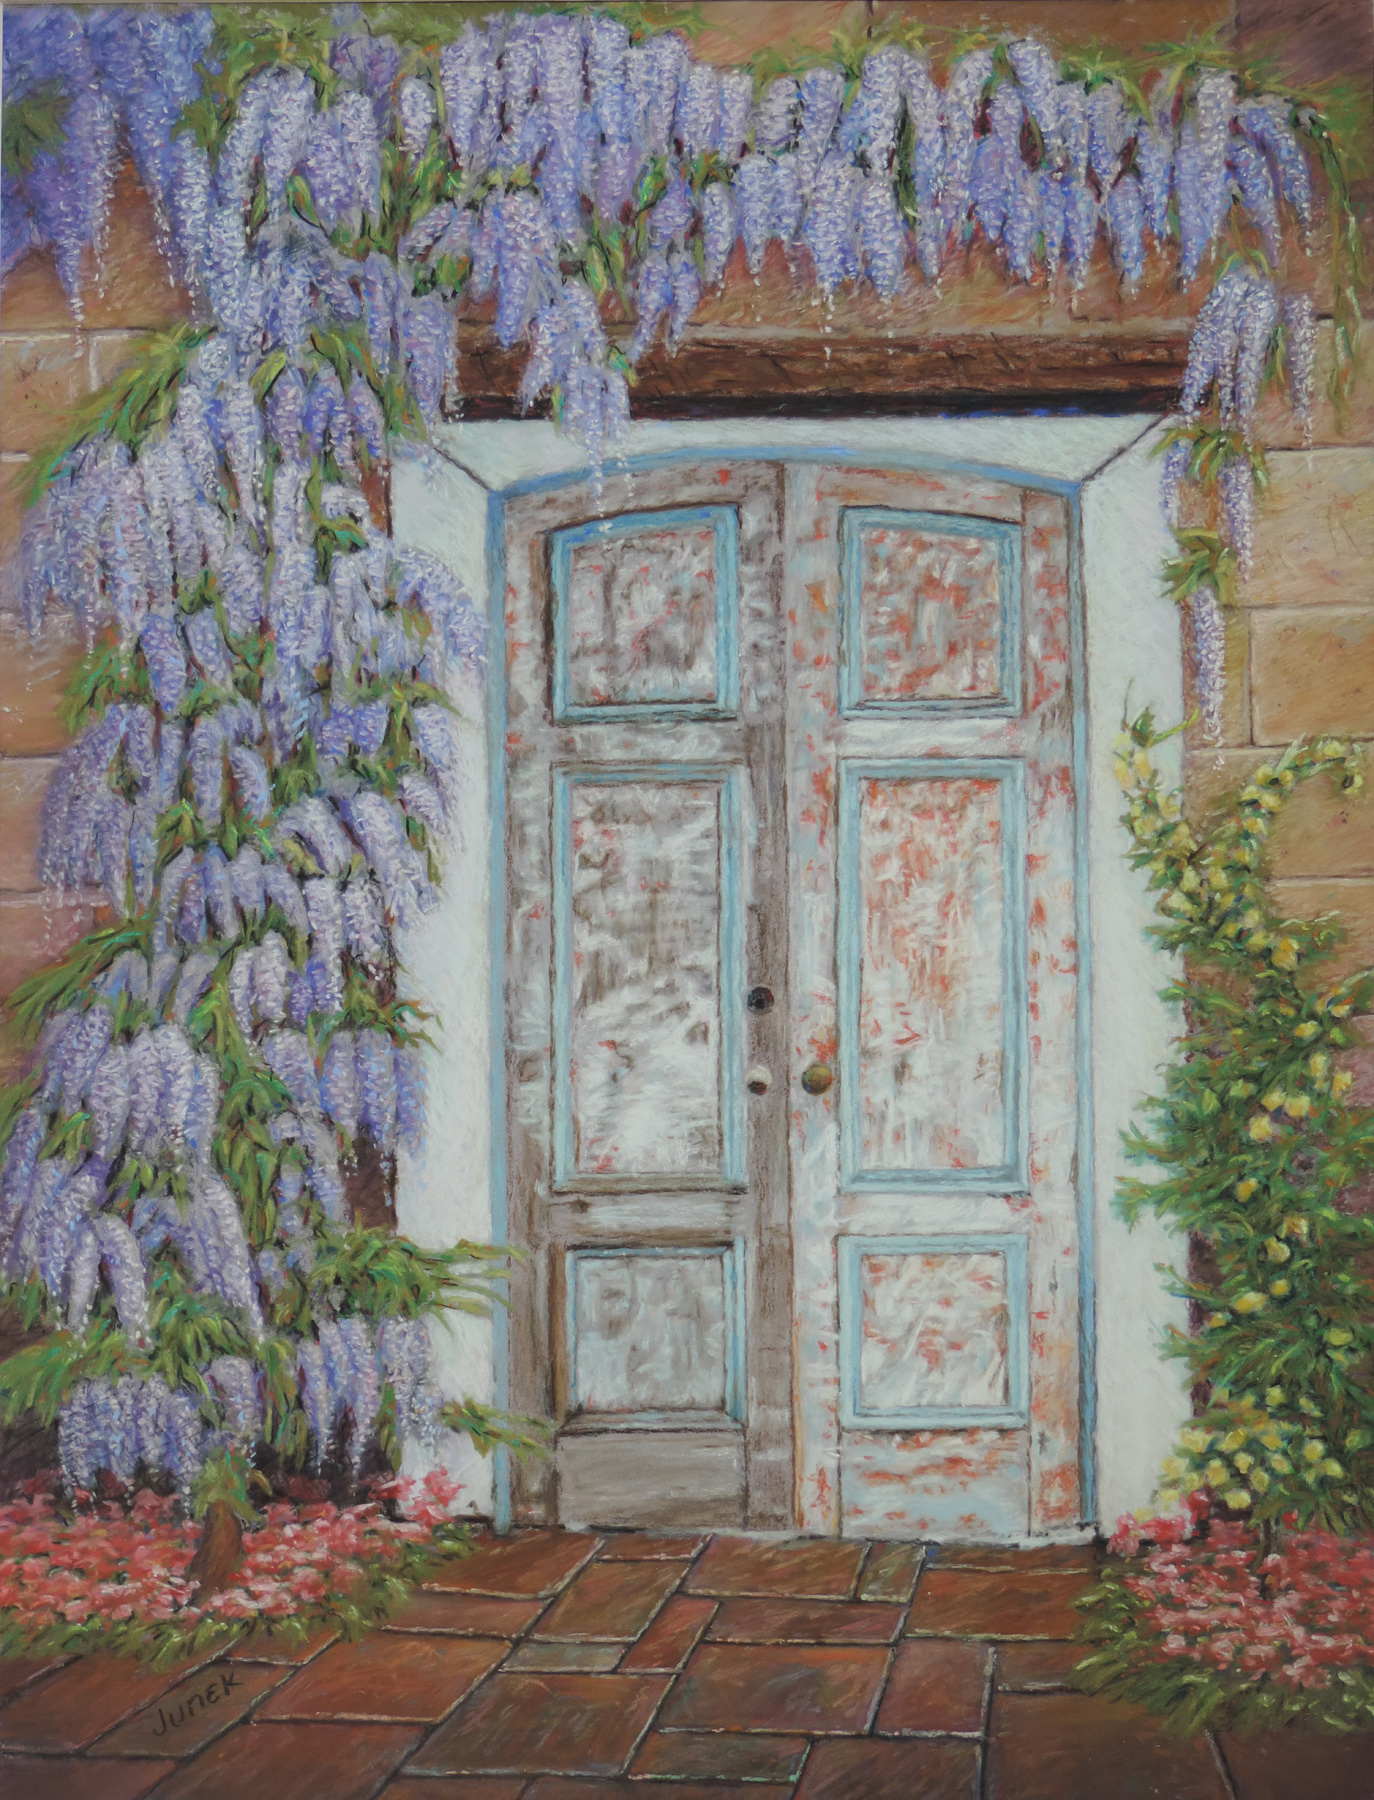 framed in wisteria